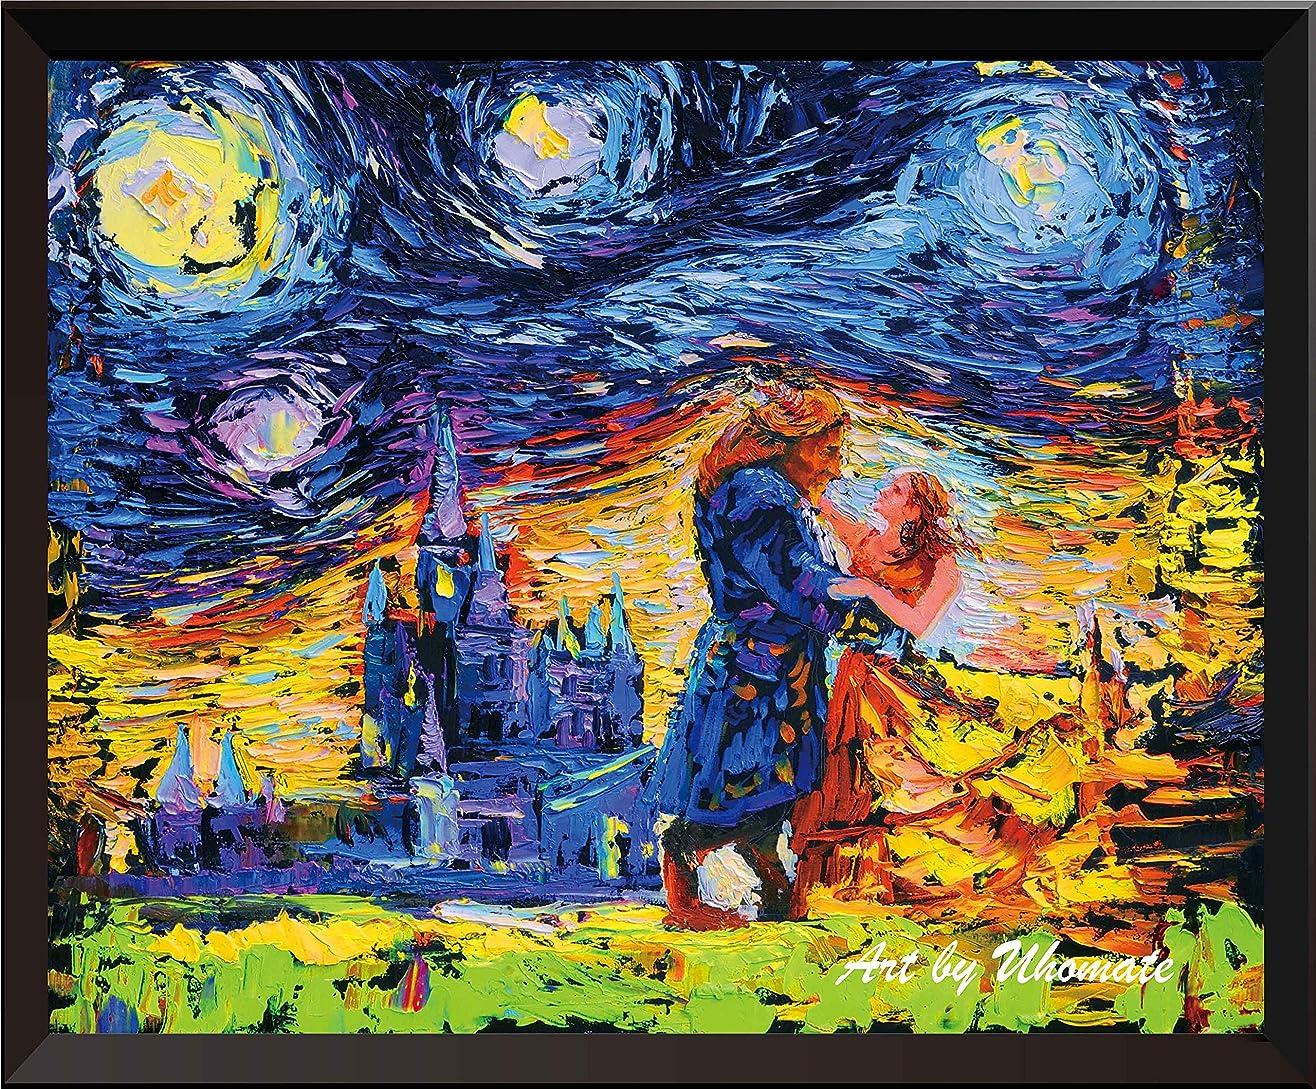 感動するうまミトンuhomate美女と野獣Beauty Beast Princess Belle Vincent van Gogh starry nightポスターホームキャンバス壁アート記念ギフトベビーギフト子供部屋装飾用リビングルーム壁装飾a001 5X7 inch